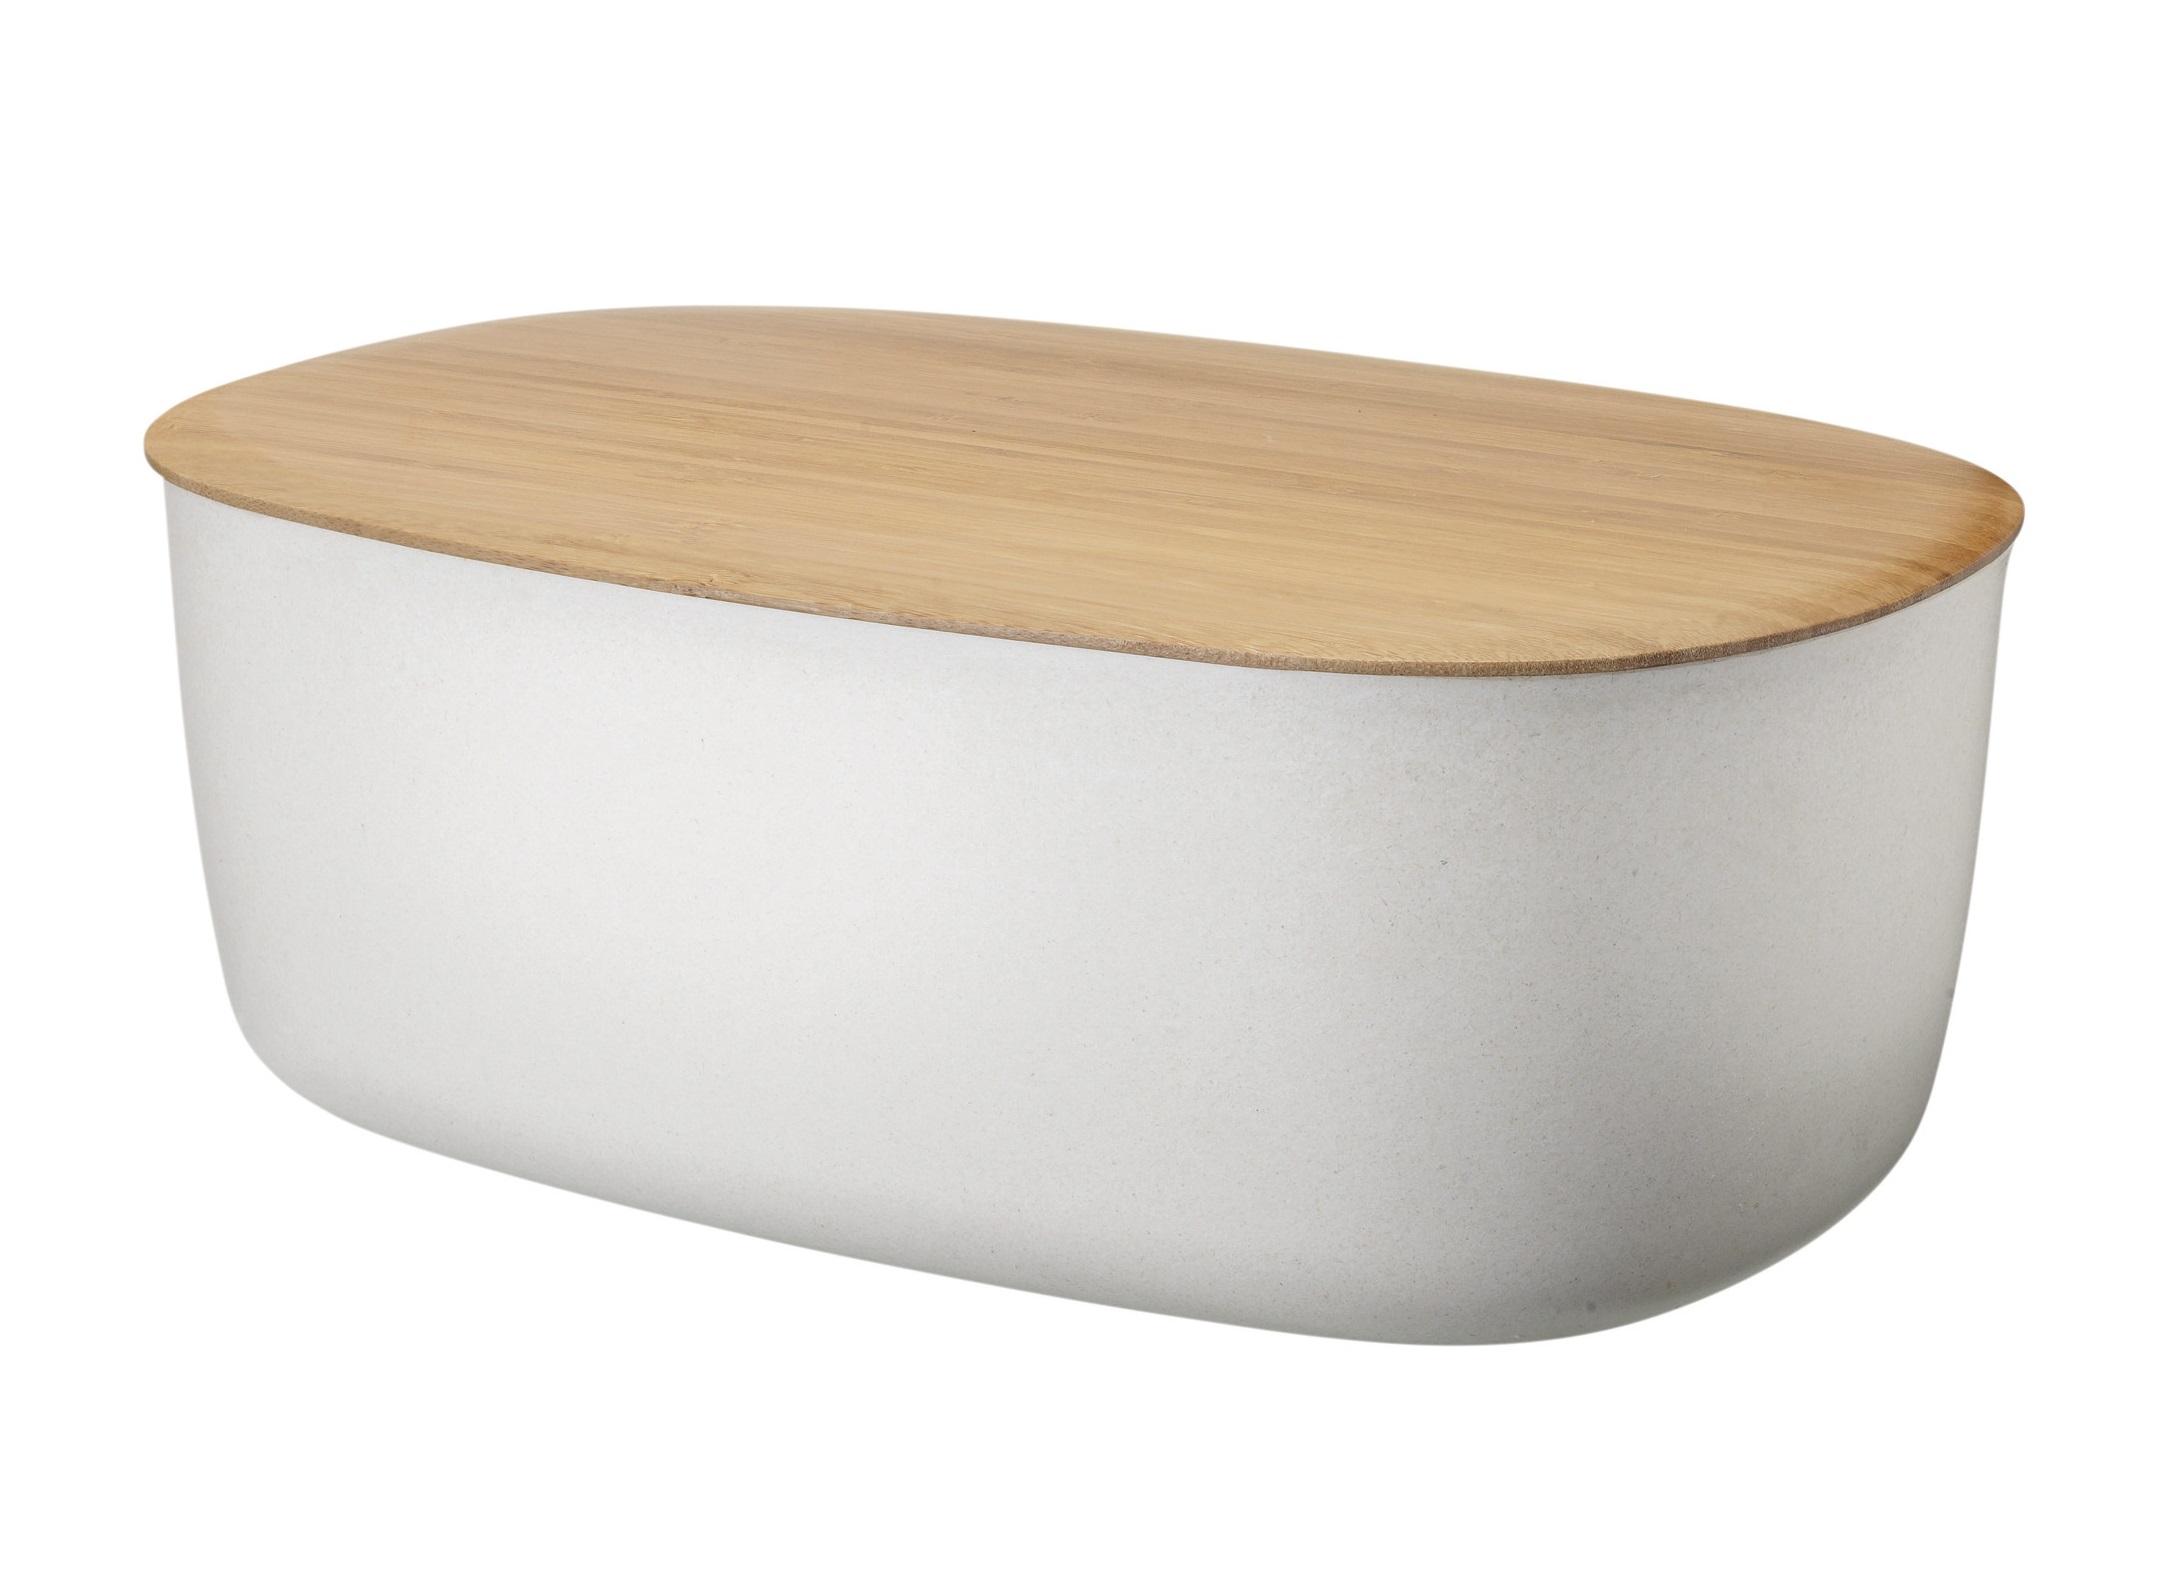 Хлебница BOX-ITХлебница<br>&amp;lt;div&amp;gt;Хлебница BOX-IT. Стильная хлебница BOX-IT подойдет для любой кухни, а также поможет сохранить хлеб свежим долгое время. Хлебница изготовлена из высококачественного меламина, а прочная бамбуковая крышка служит также разделочной доской. Благодаря своему стильному внешнему виду, контрастным цветам, функциональности хлебница BOX-IT получила несколько значимых наград в области дизайна.&amp;lt;/div&amp;gt;<br><br>Material: Пластик<br>Width см: 34.5<br>Depth см: 22.7<br>Height см: 12.3